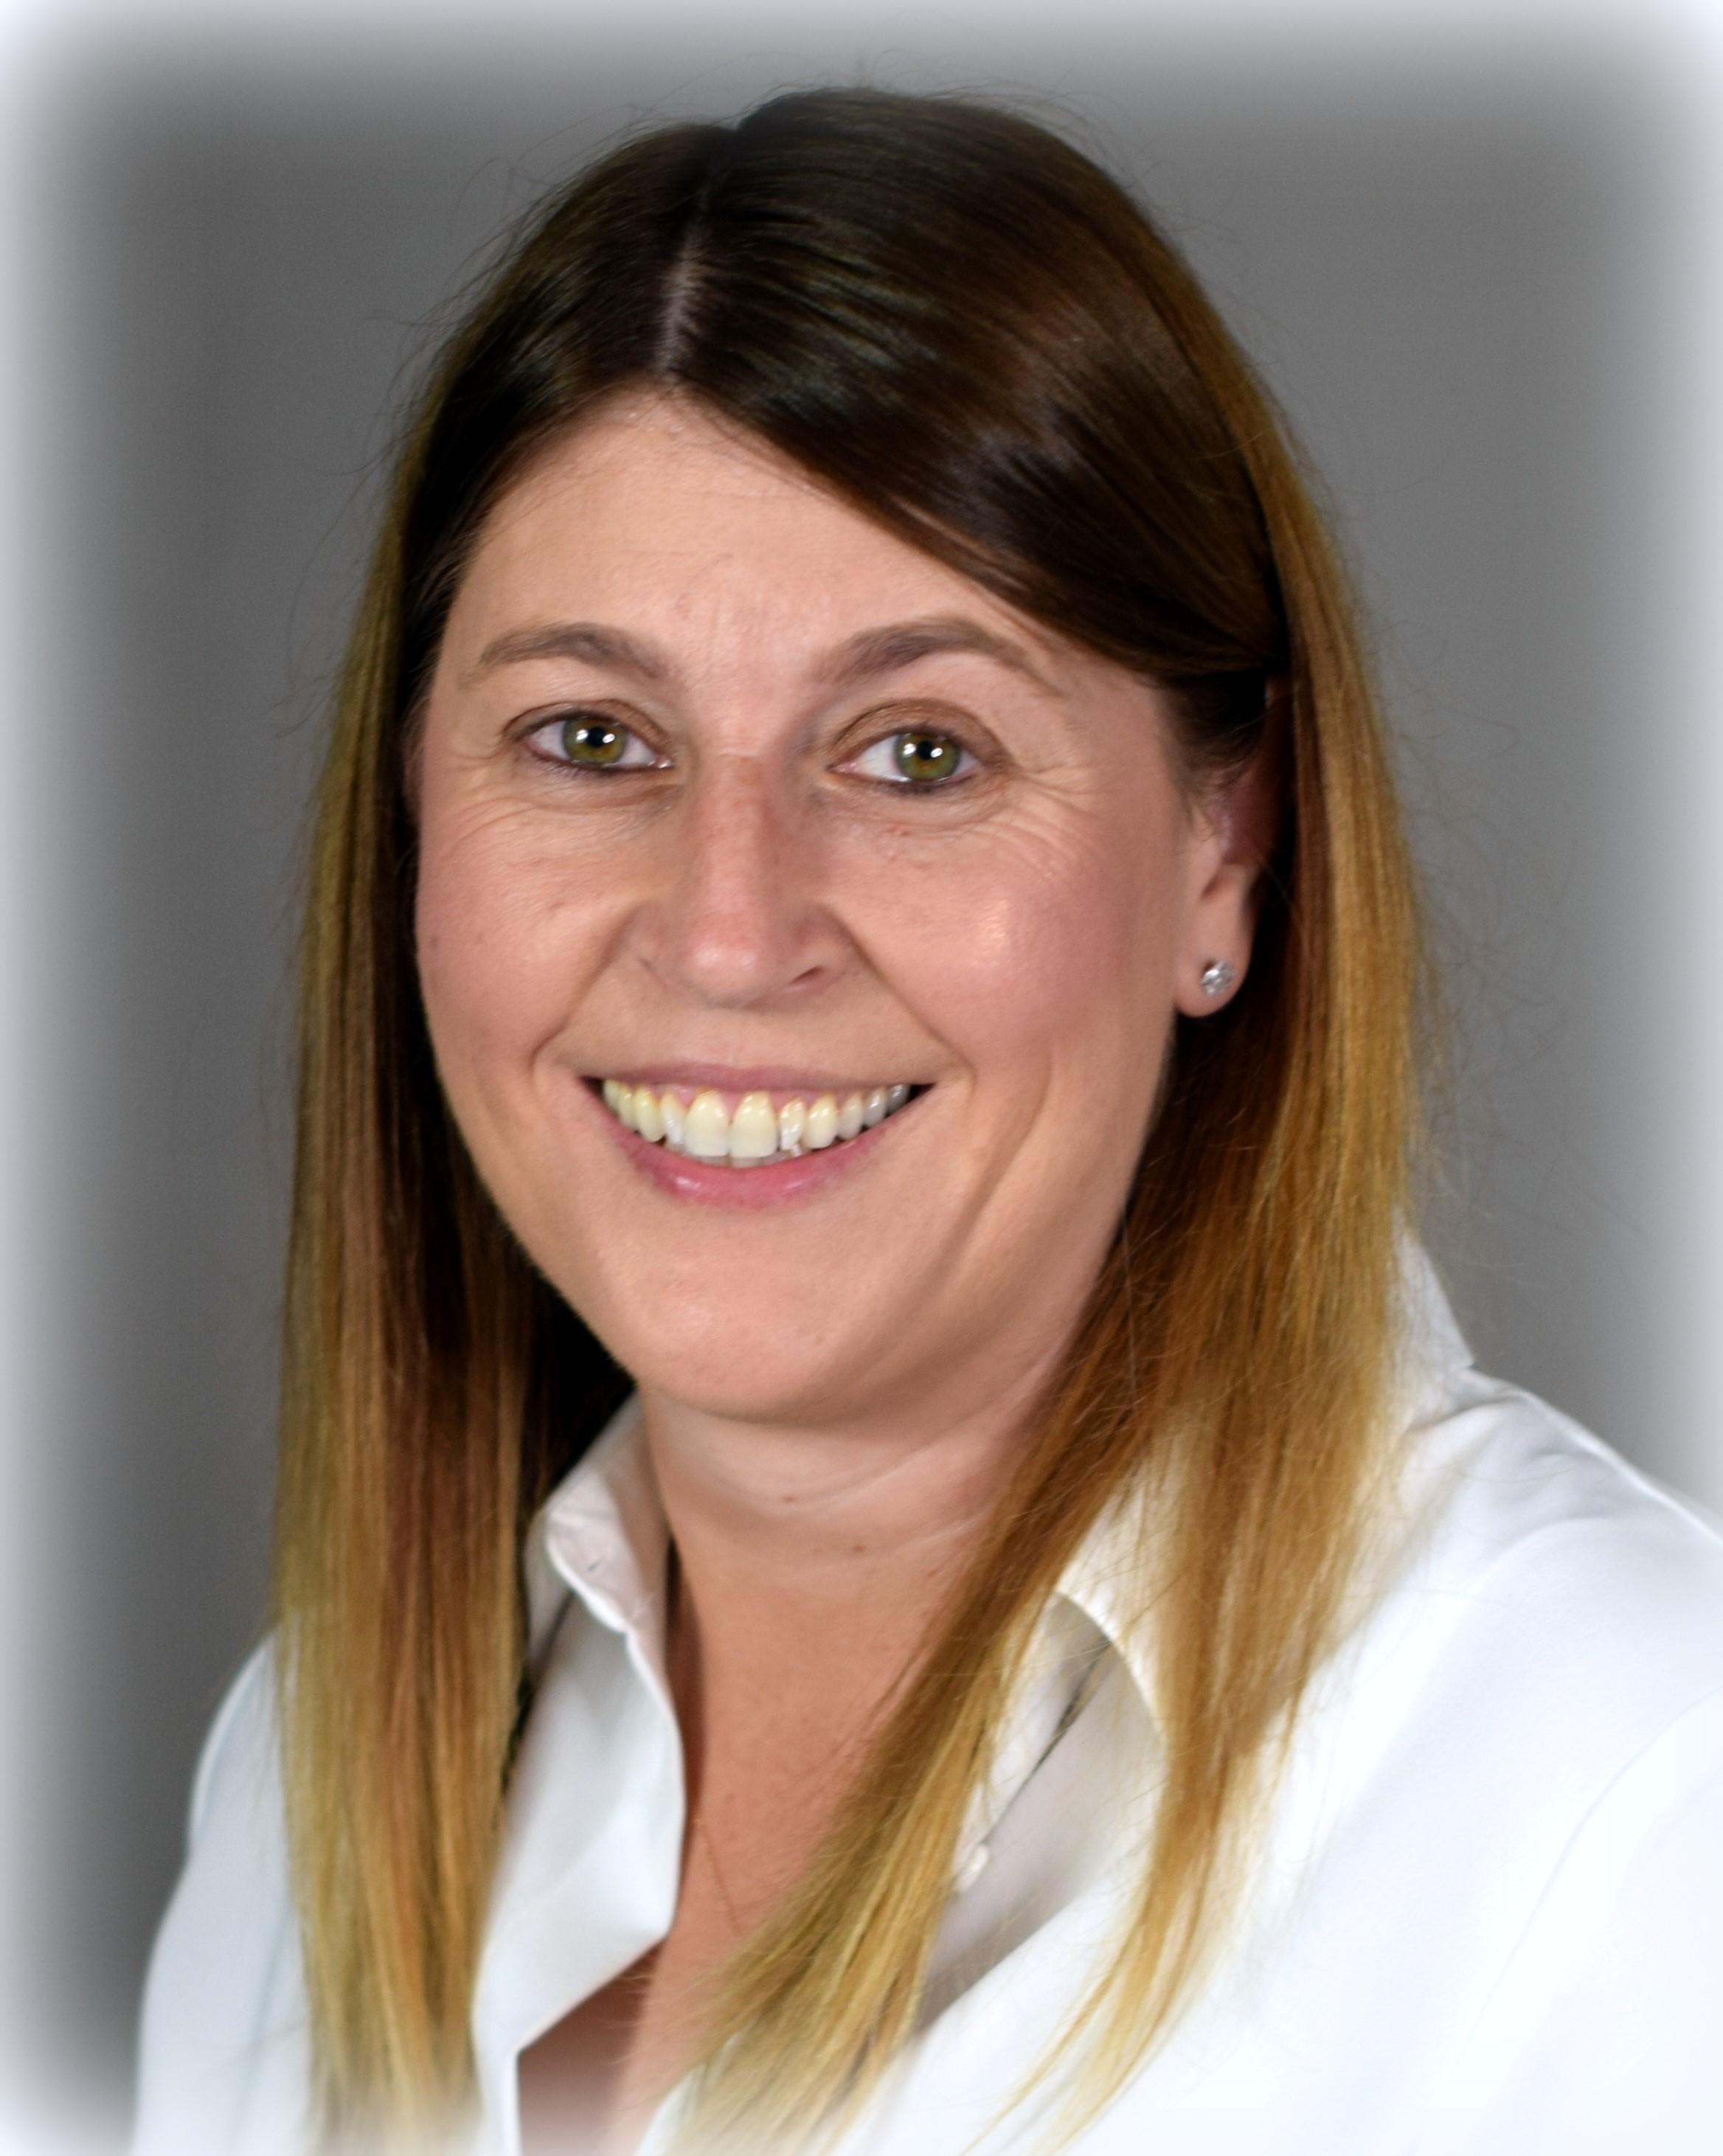 Nicki Miller